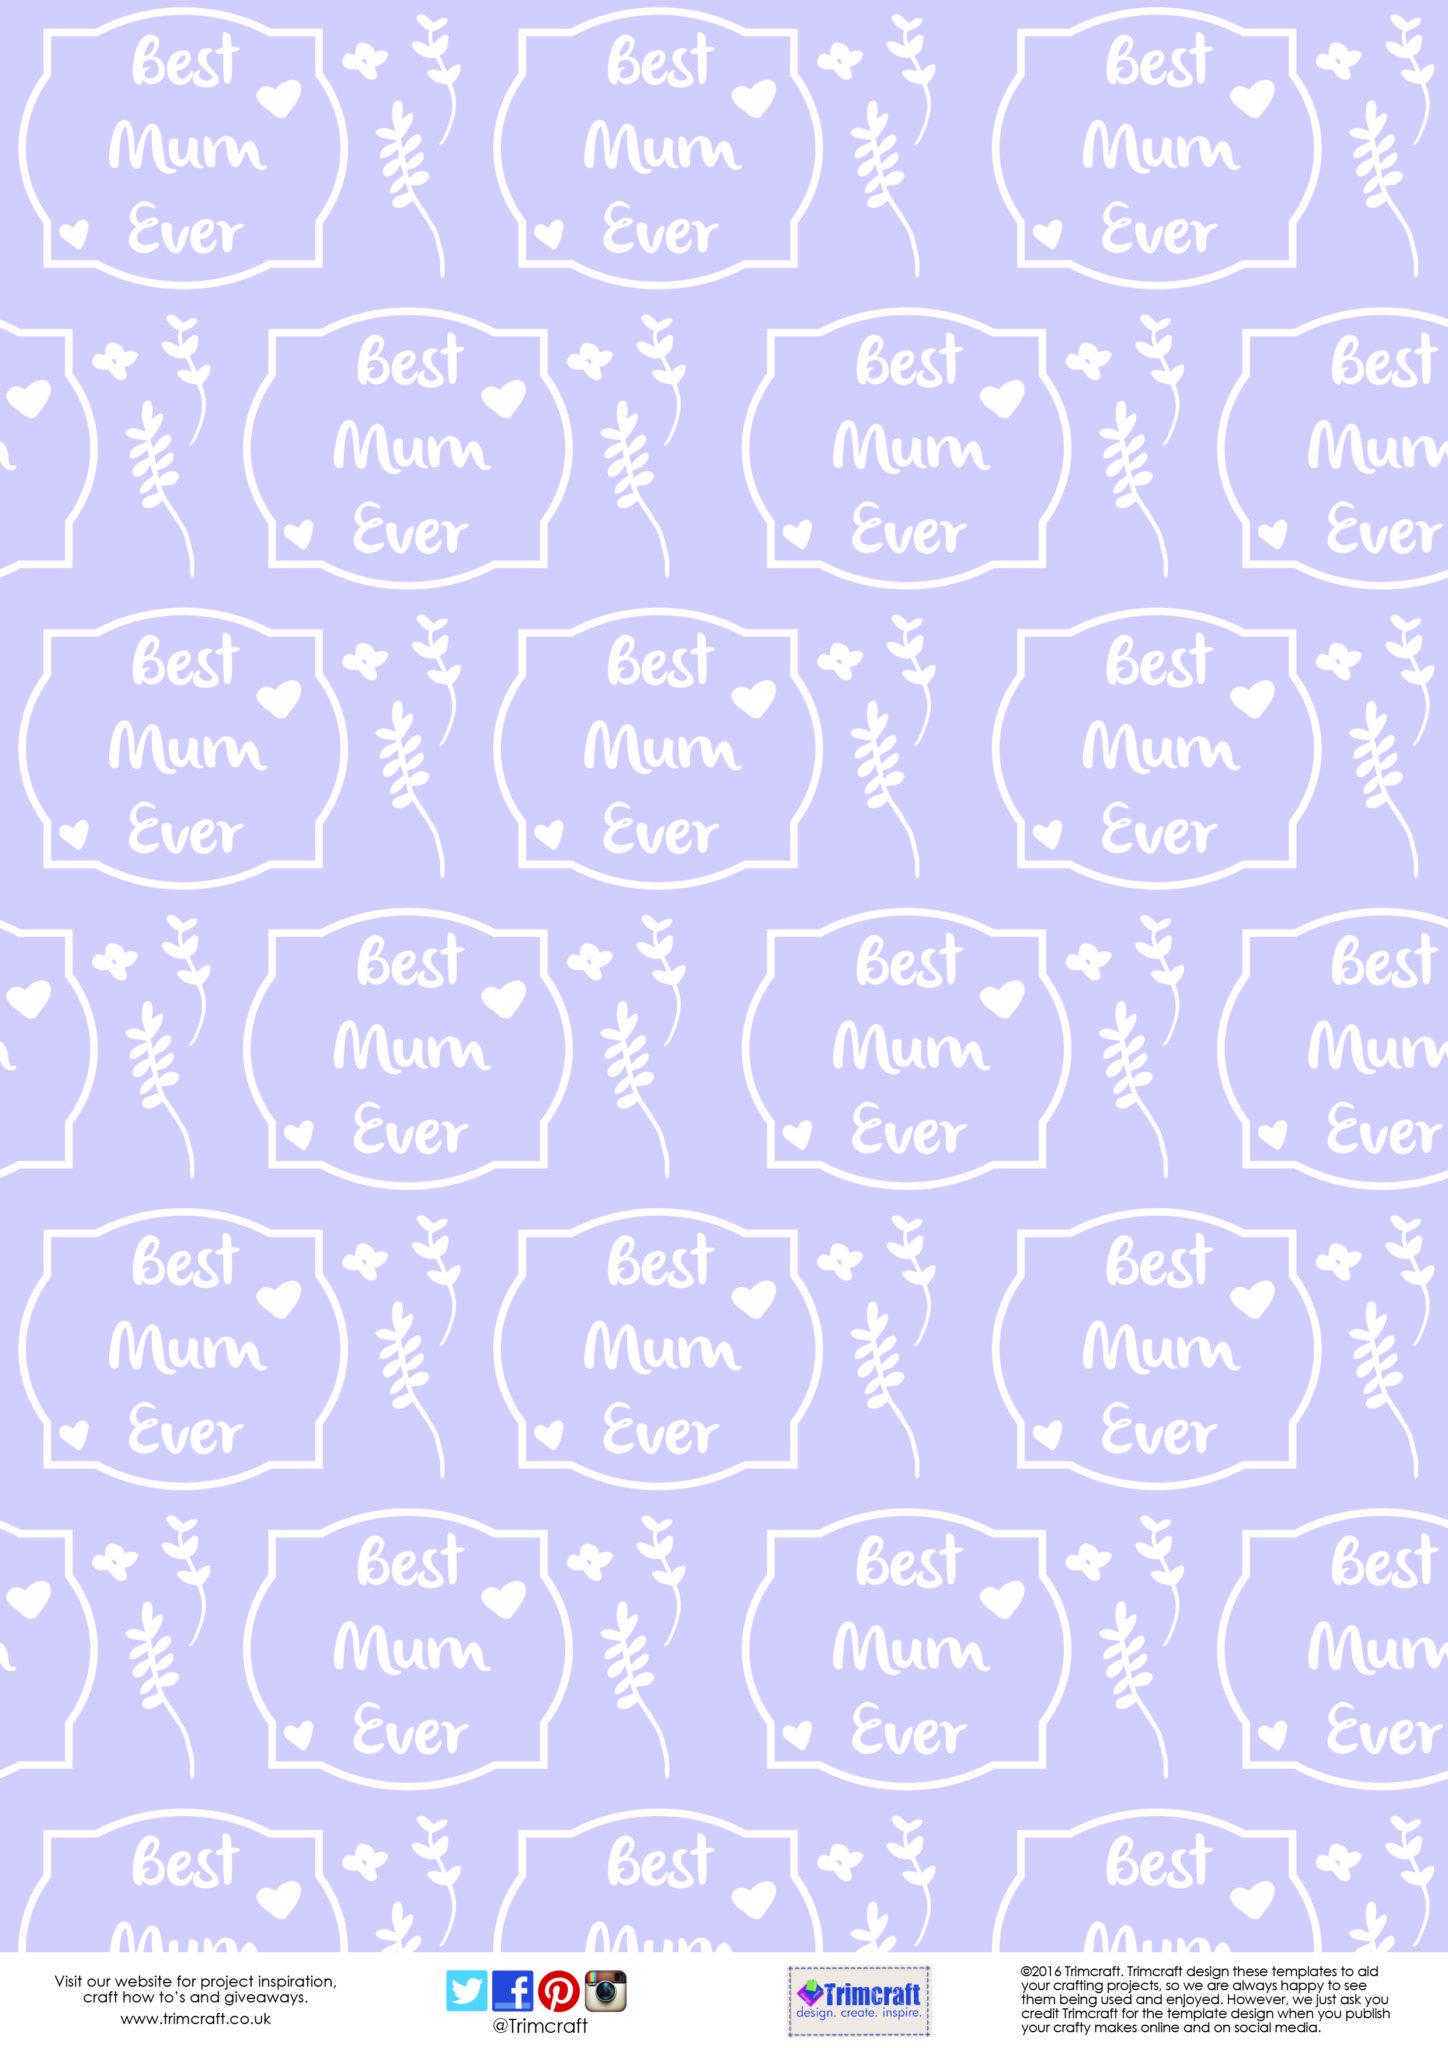 Как сделать открытку для мамы своими руками?